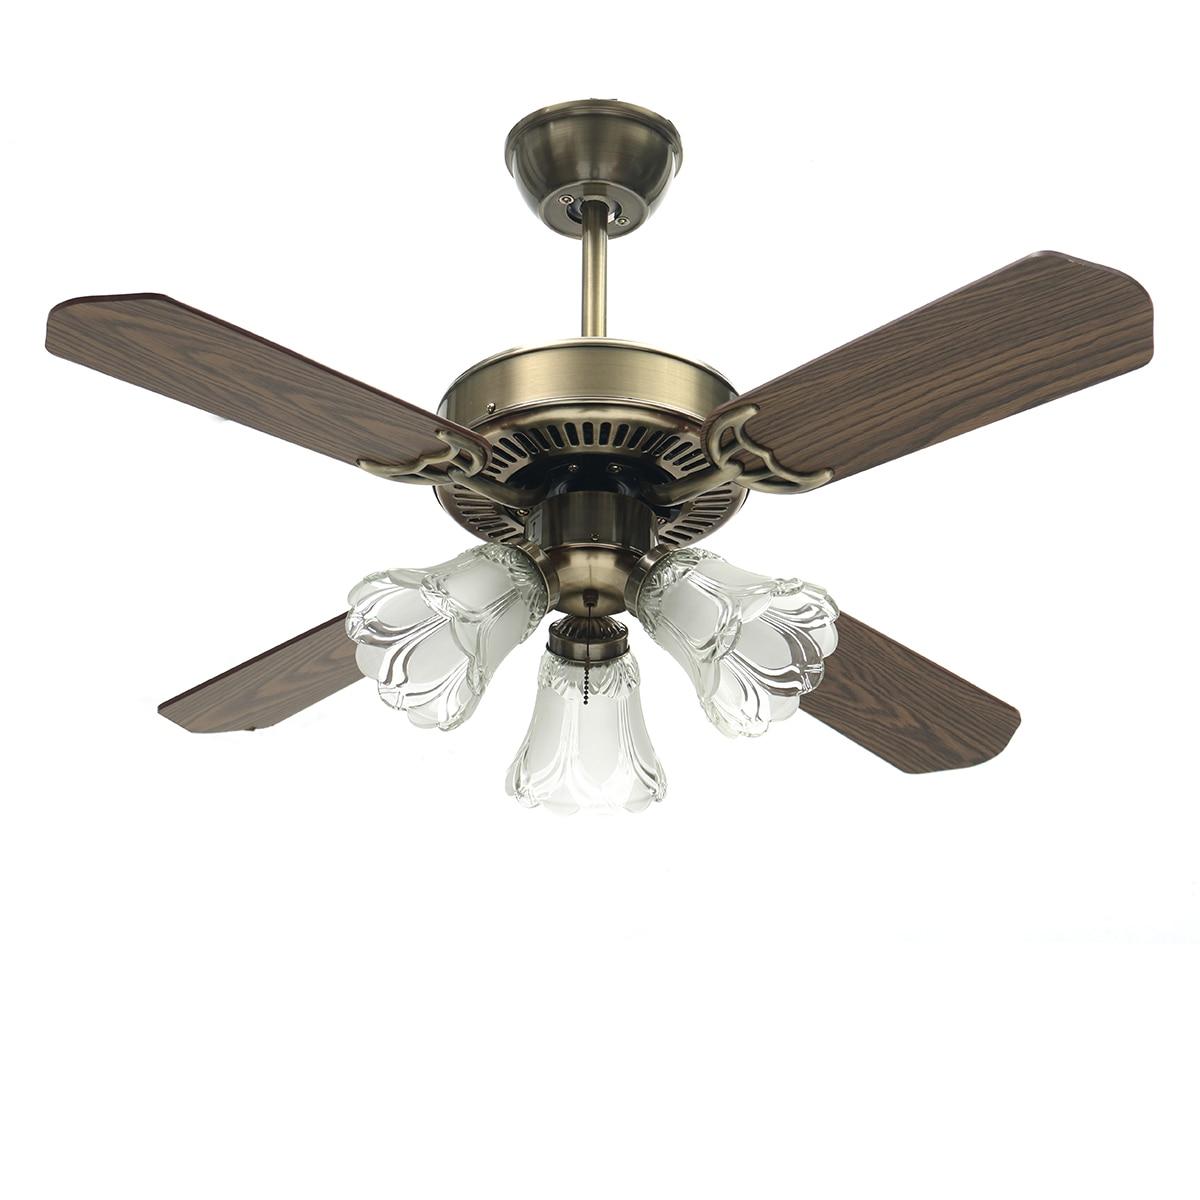 Miisng 36 pouce LED Ventilateur de Plafond E27 Ampoule pour Salon Ventilateurs de Plafond Avec Des Lumières Ventilateur De Refroidissement Ventilateur À Distance Lampe AC110-240V